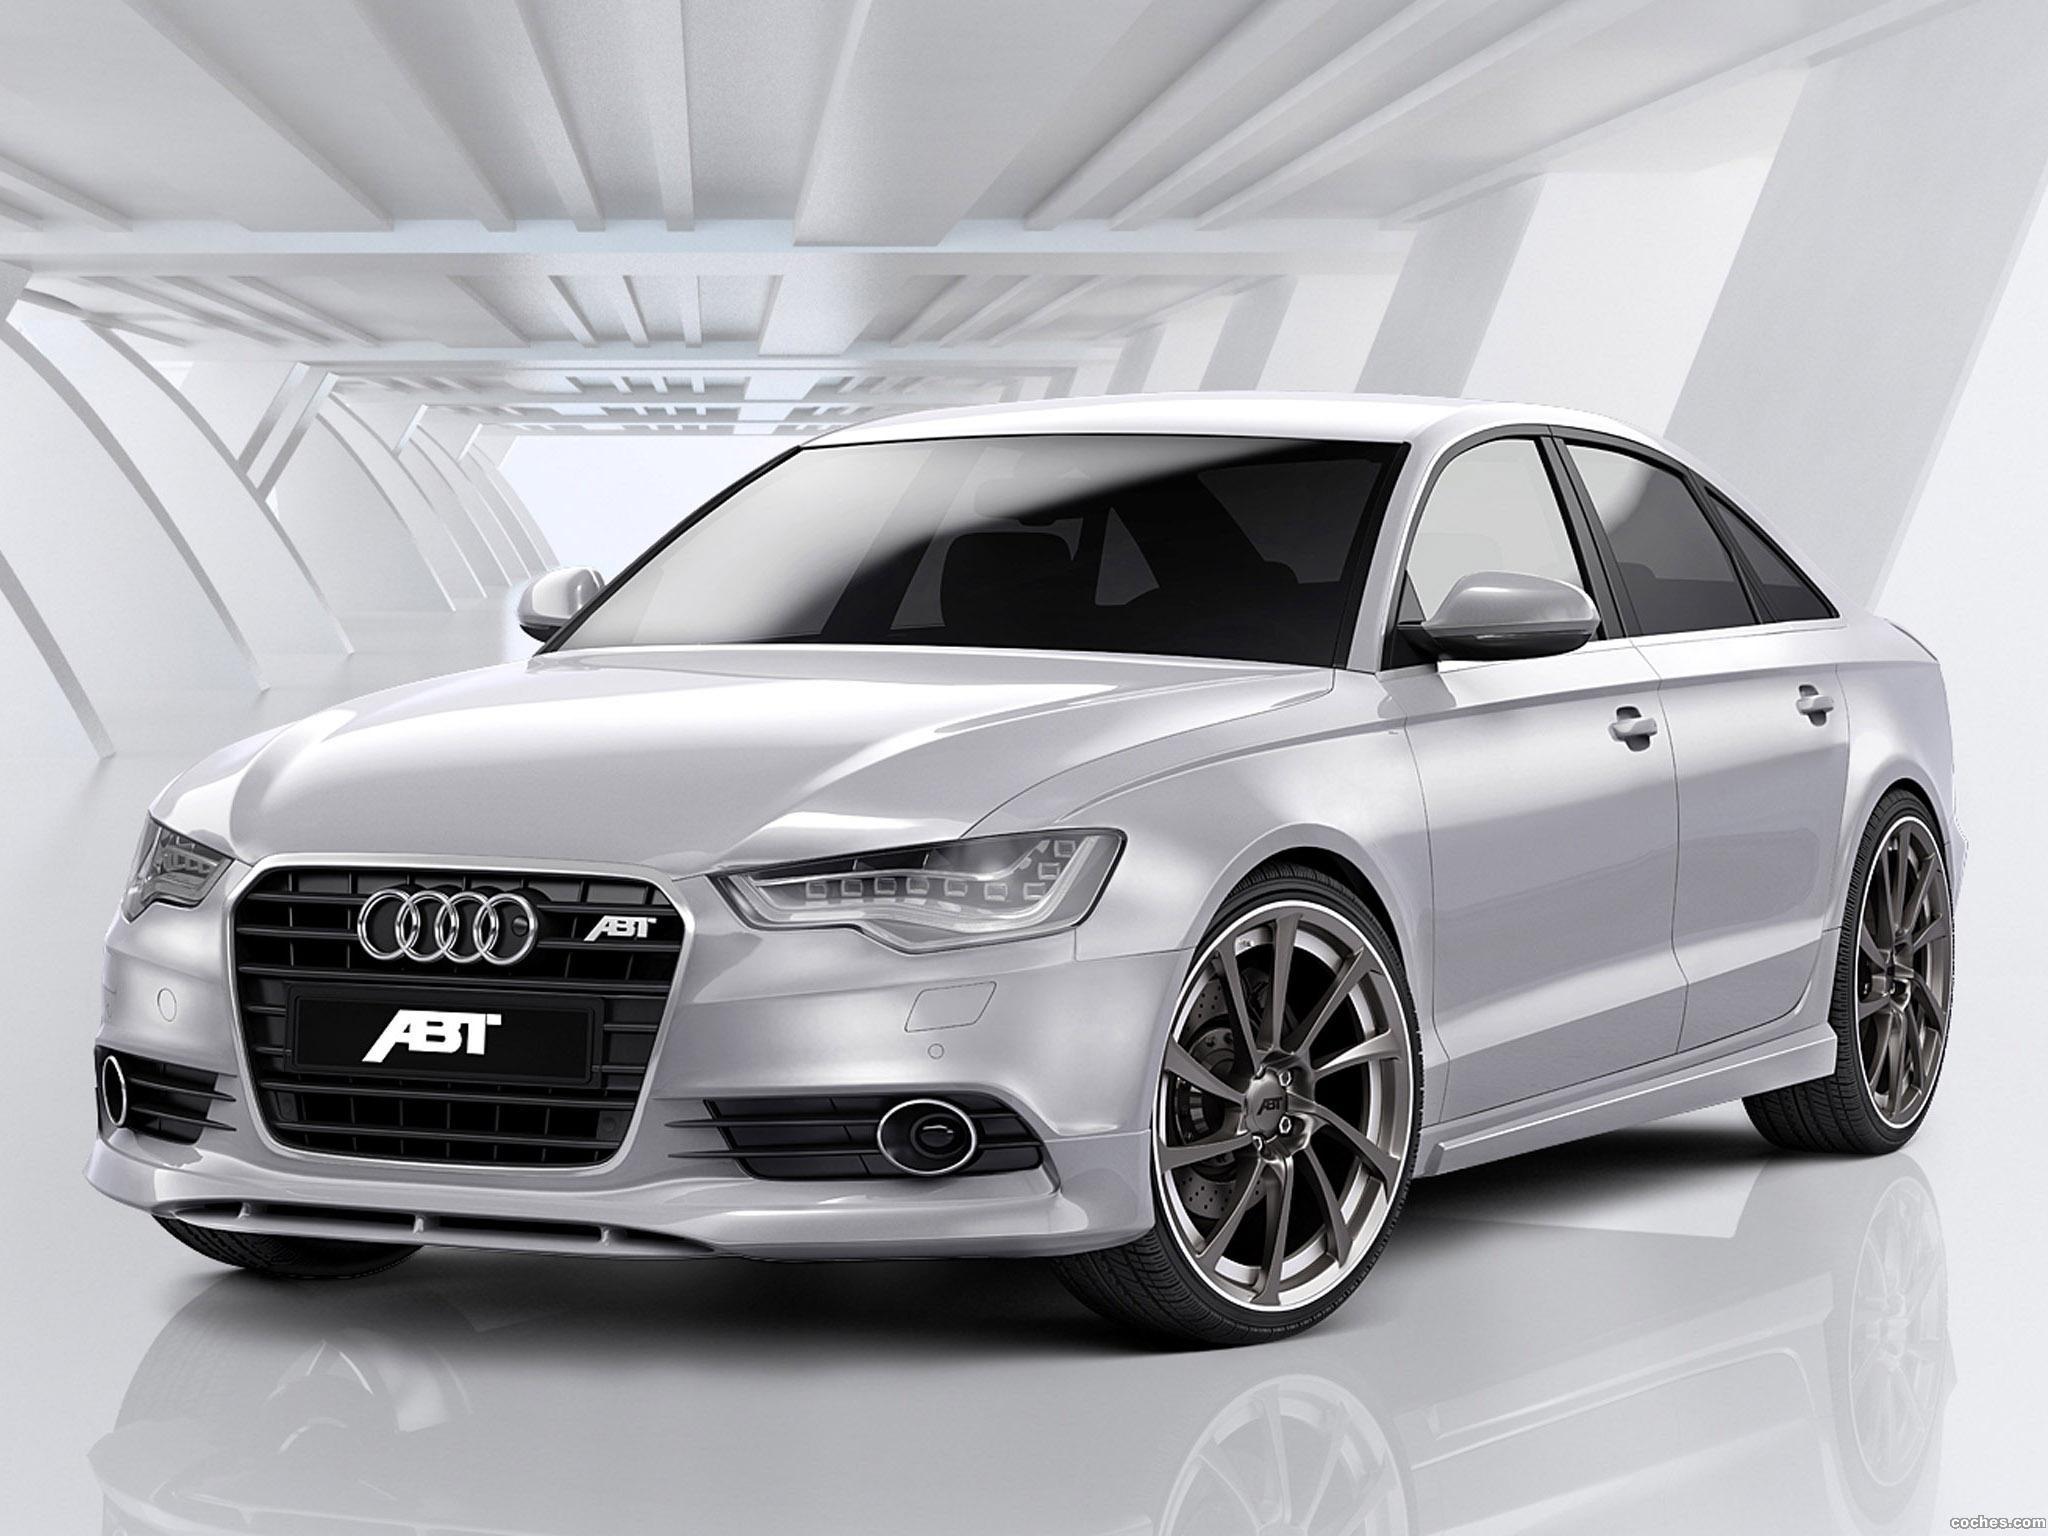 Foto 0 de Audi ABT A6 2011